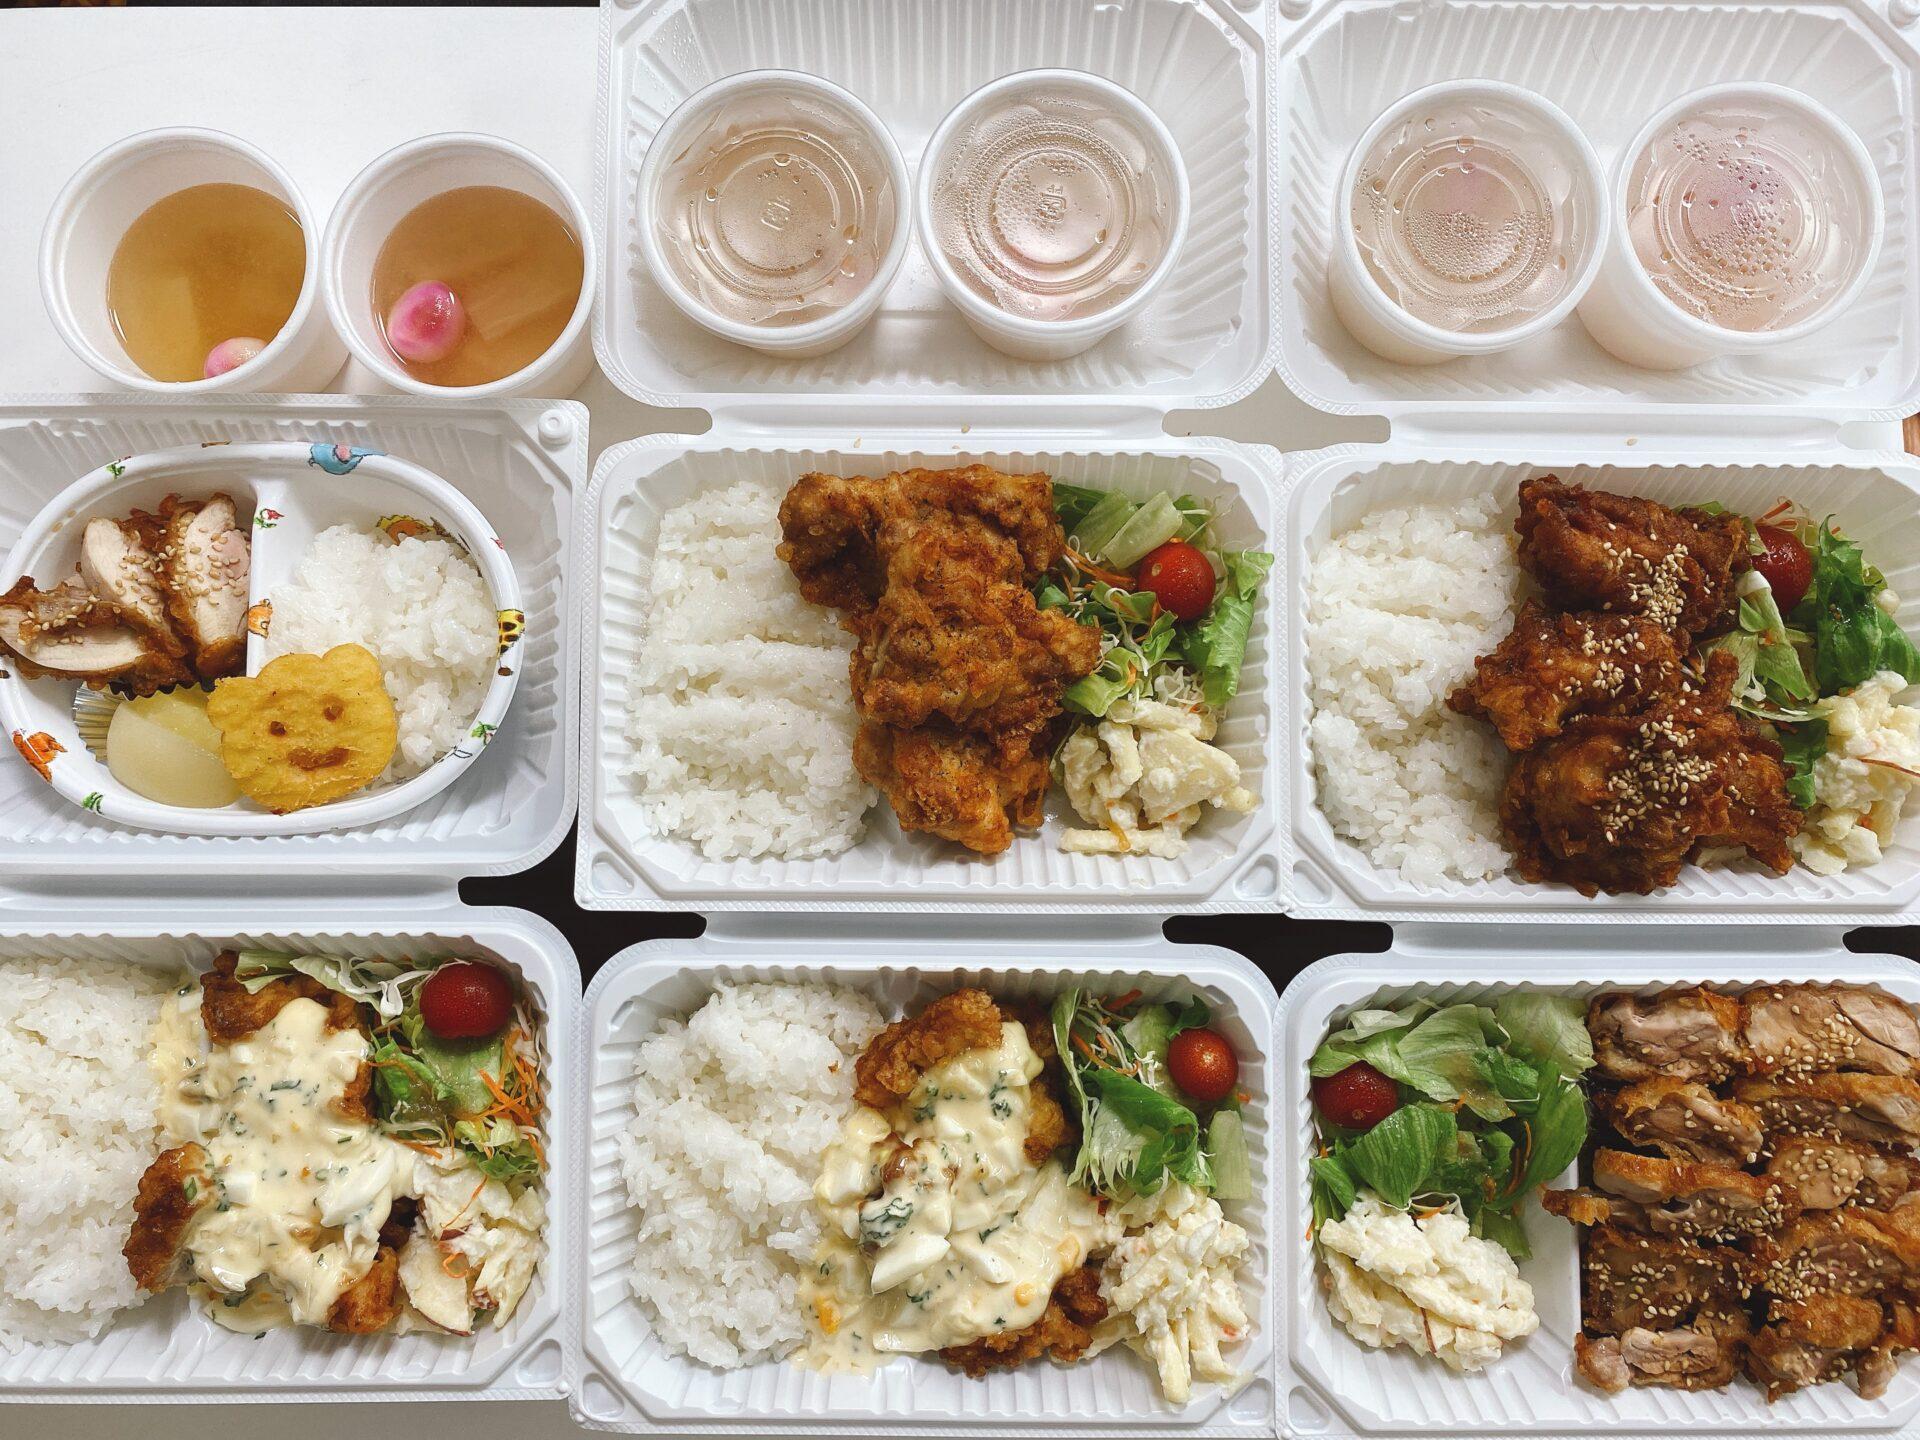 【岡山市南区のテイクアウト】ガブッ!鶏 ゆきじ堂の唐揚げ弁当やチキン南蛮弁当は数量限定!おこさま弁当も可愛い・・・